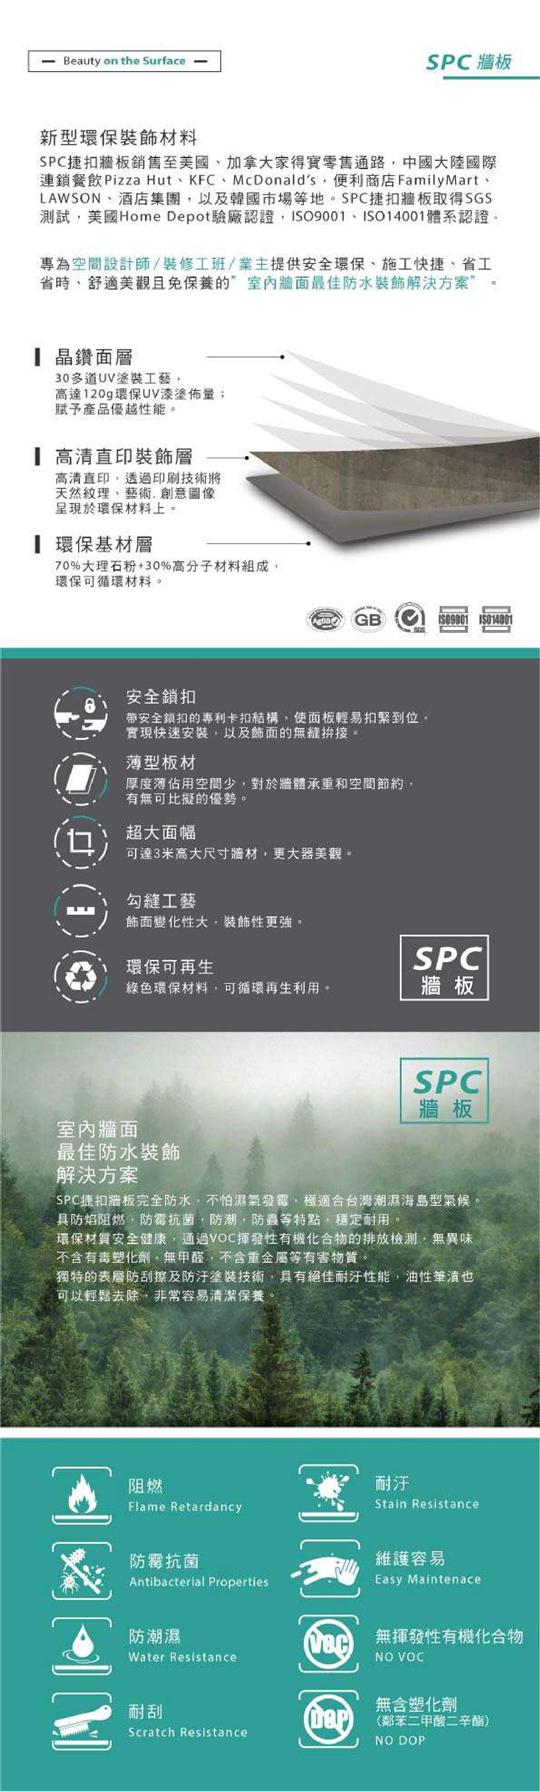 PECKER SPC新型環保裝飾材料 02-8985-0348